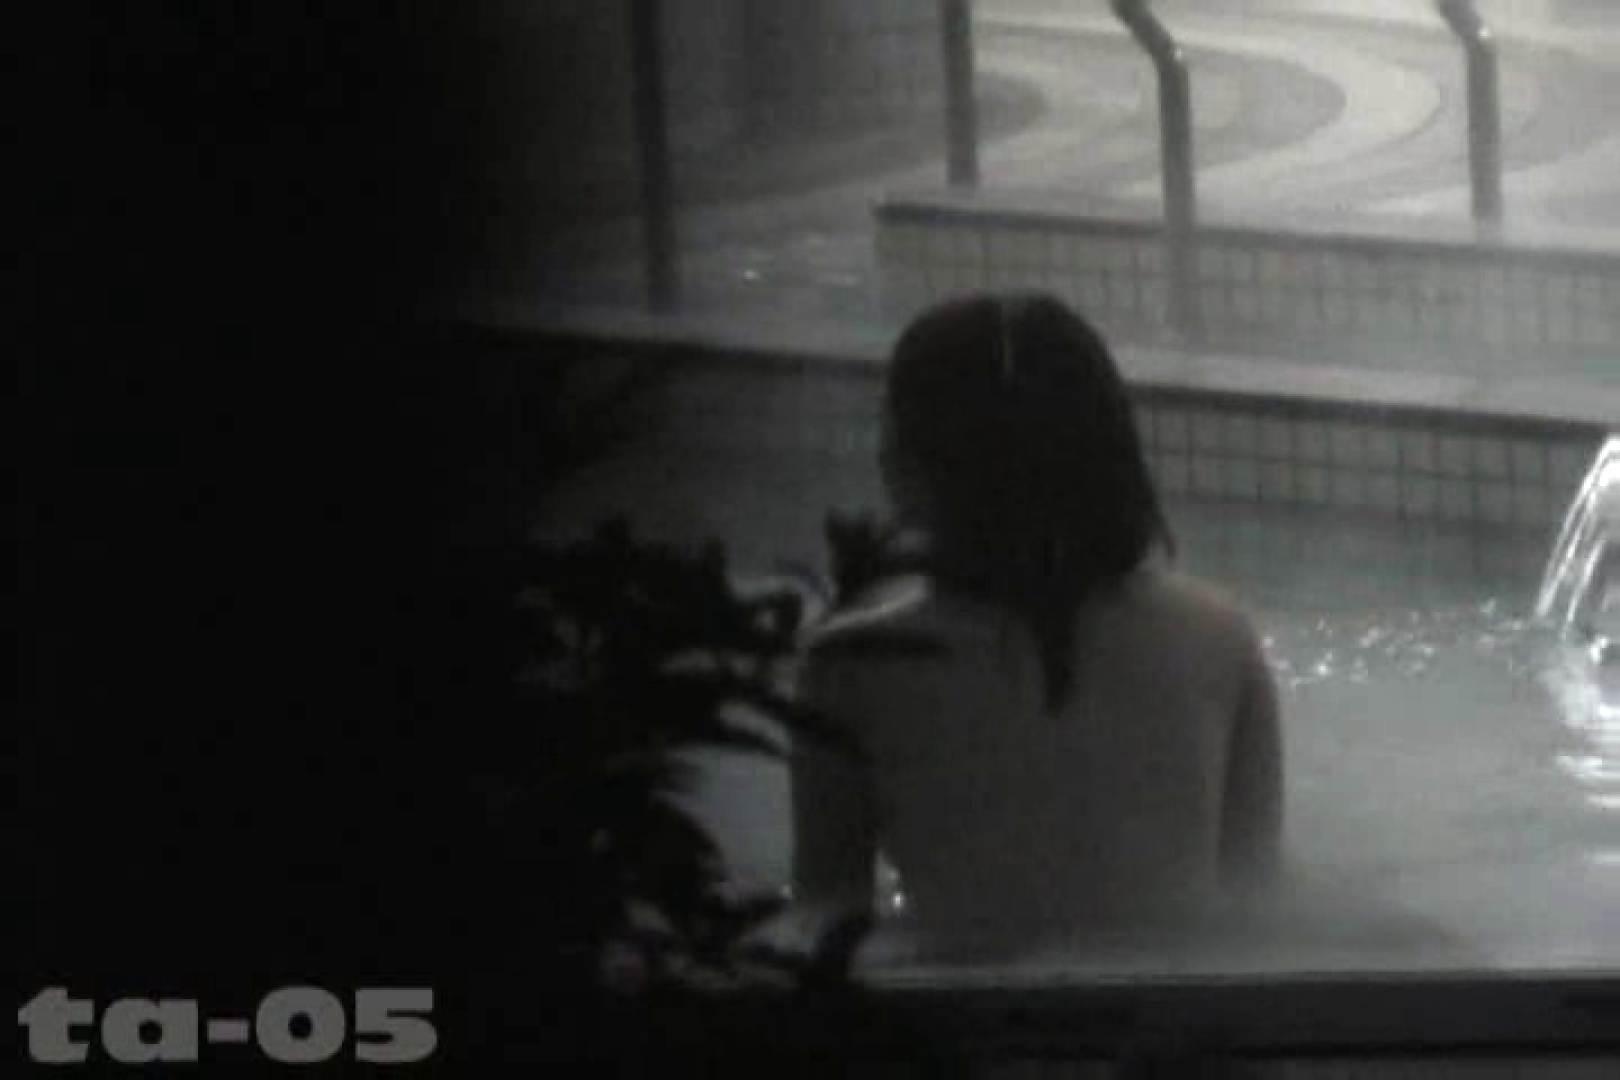 合宿ホテル女風呂盗撮高画質版 Vol.05 女風呂ハメ撮り   合宿  94連発 16